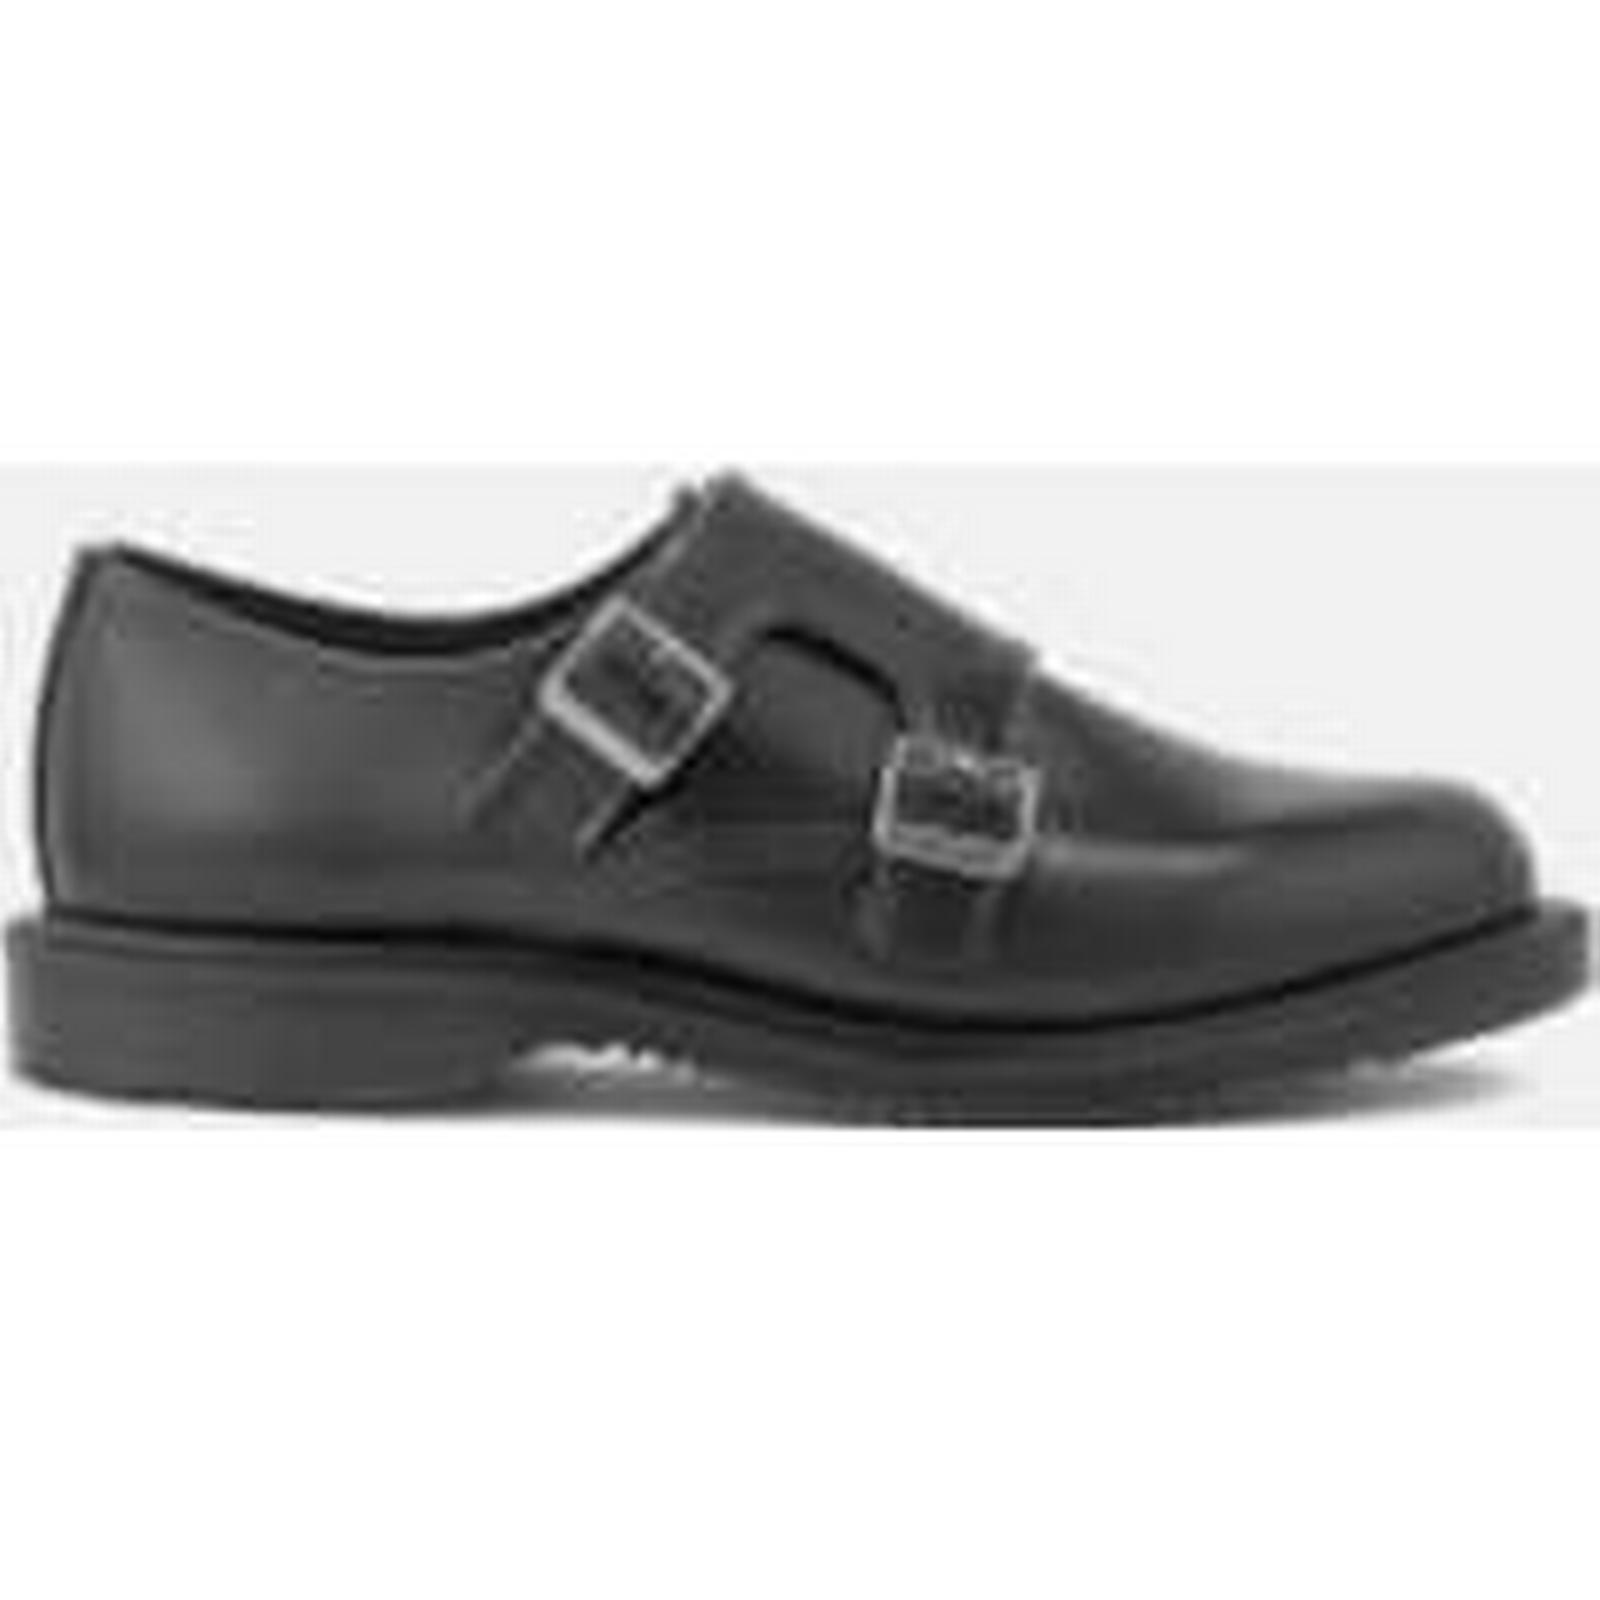 Dr. Martens Women's Kensington Pandora Leather Double Monk Strap Shoes 7 - Black - UK 7 Shoes - Black b4bc45